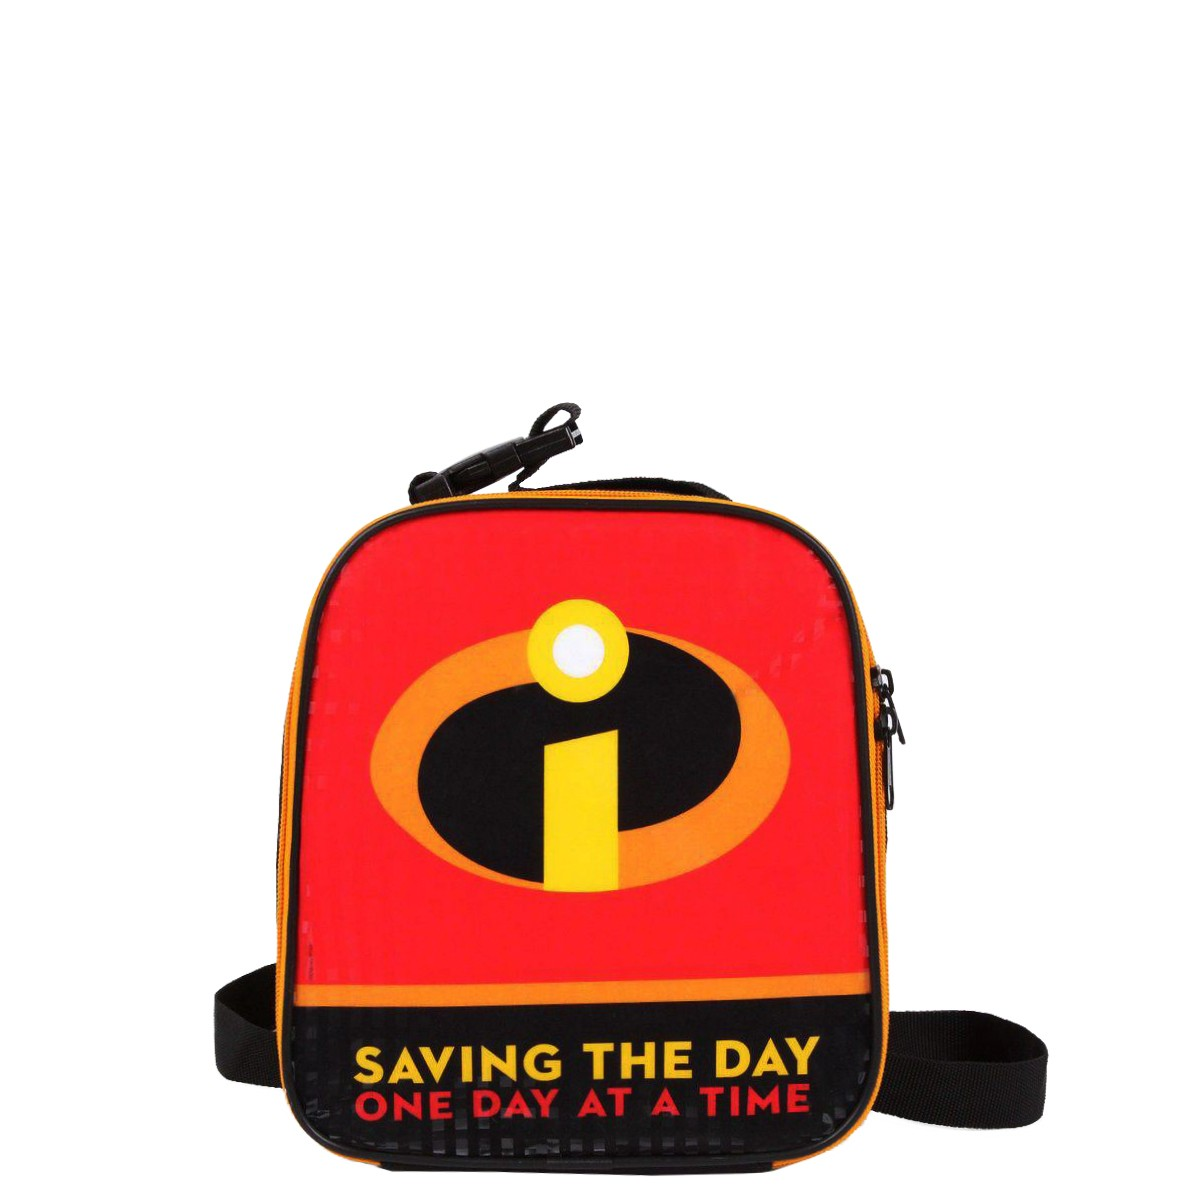 Lancheira Térmica Disney Os Incríveis Saving the Day | Cor: Preto